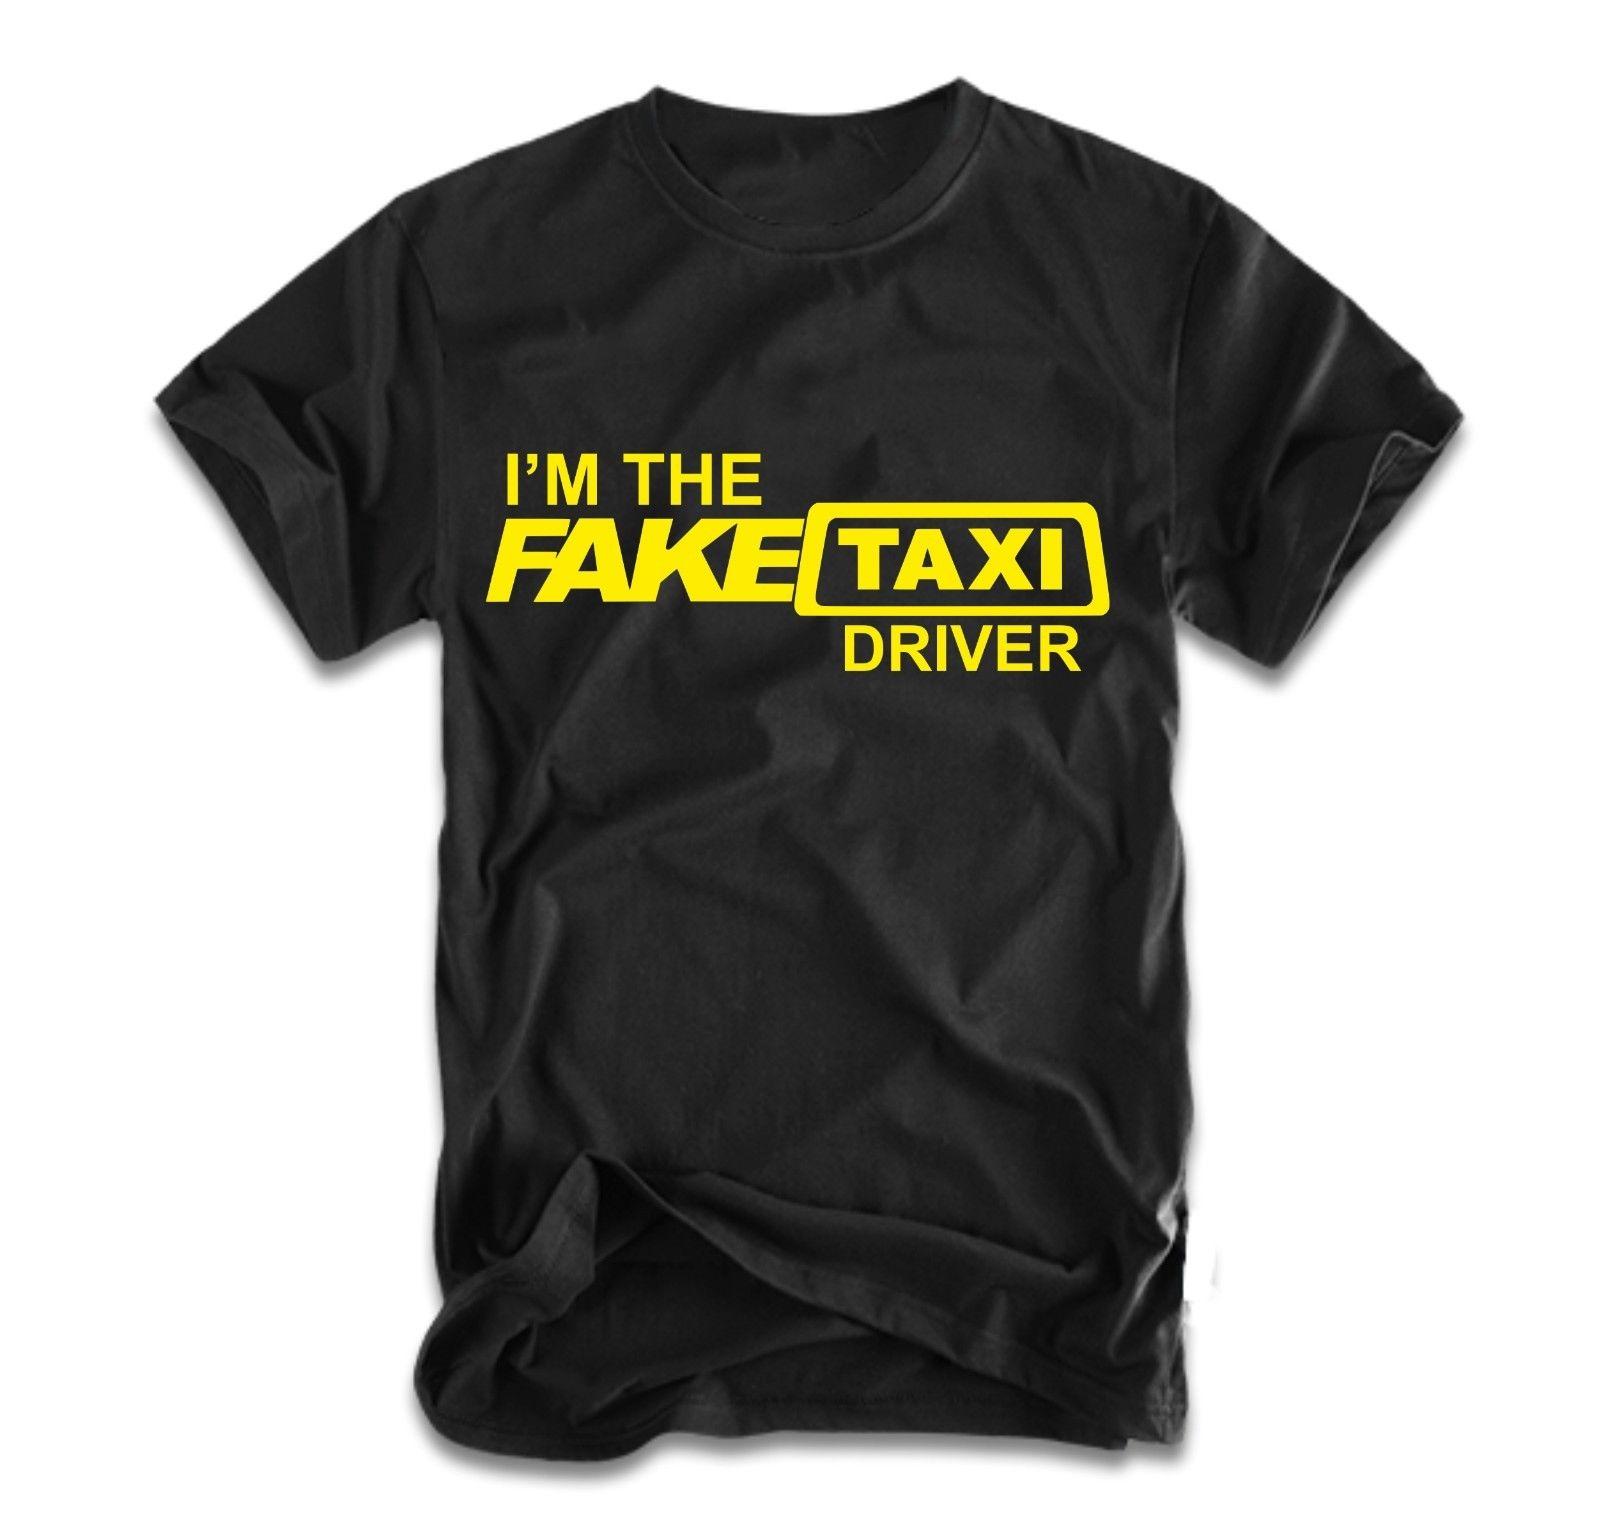 FAKE TAXI T-shirt / Pornhub / Brazzers / Milf TShirt XXX